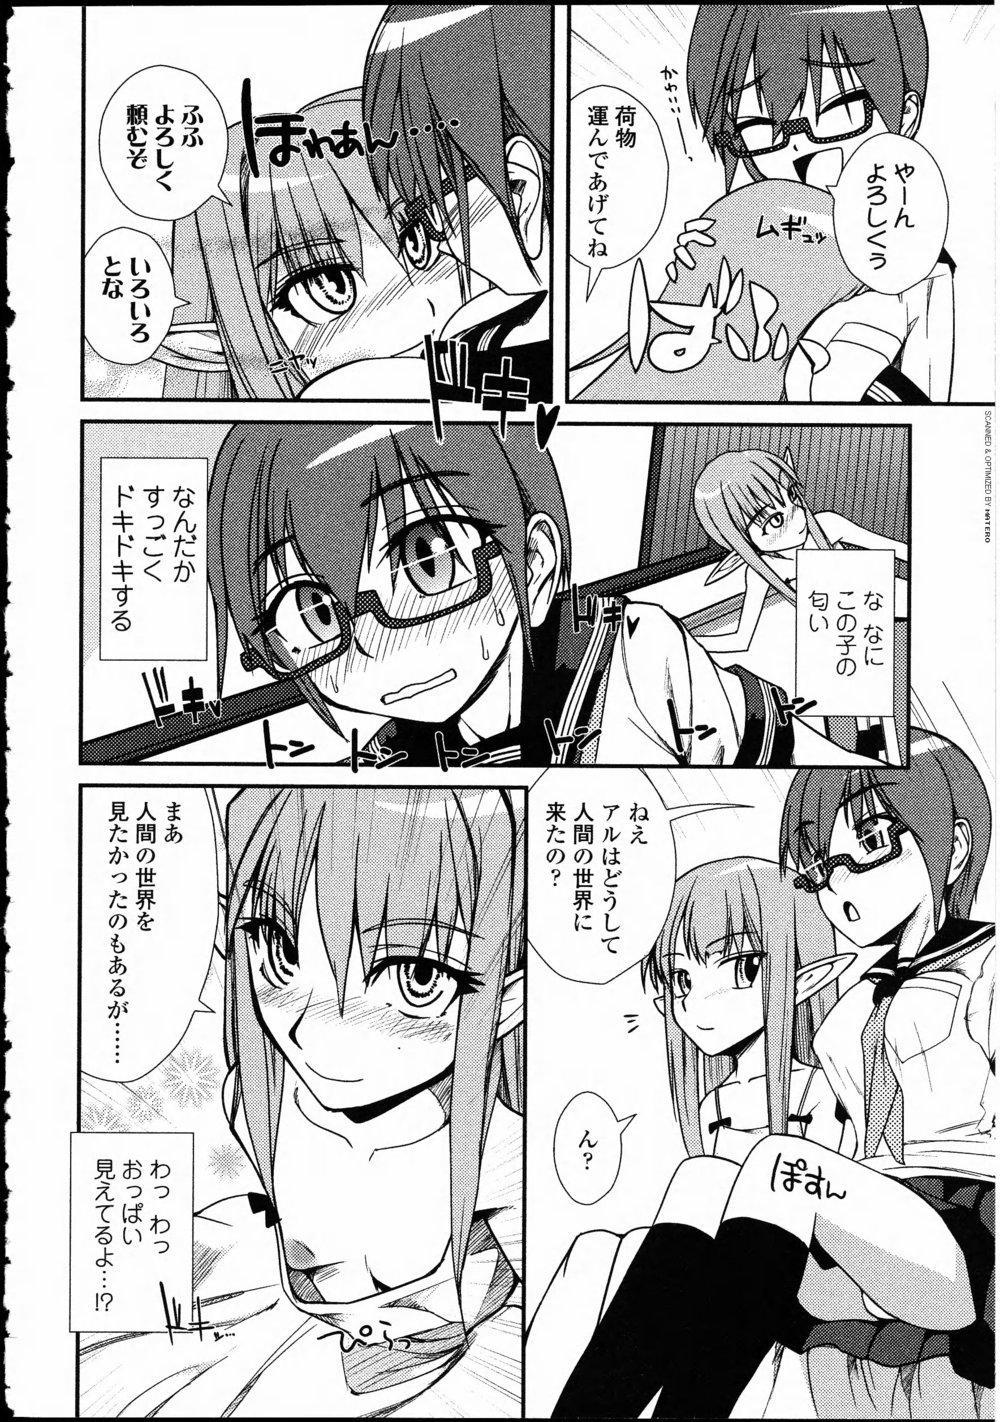 Futanarikko LOVE 10 139